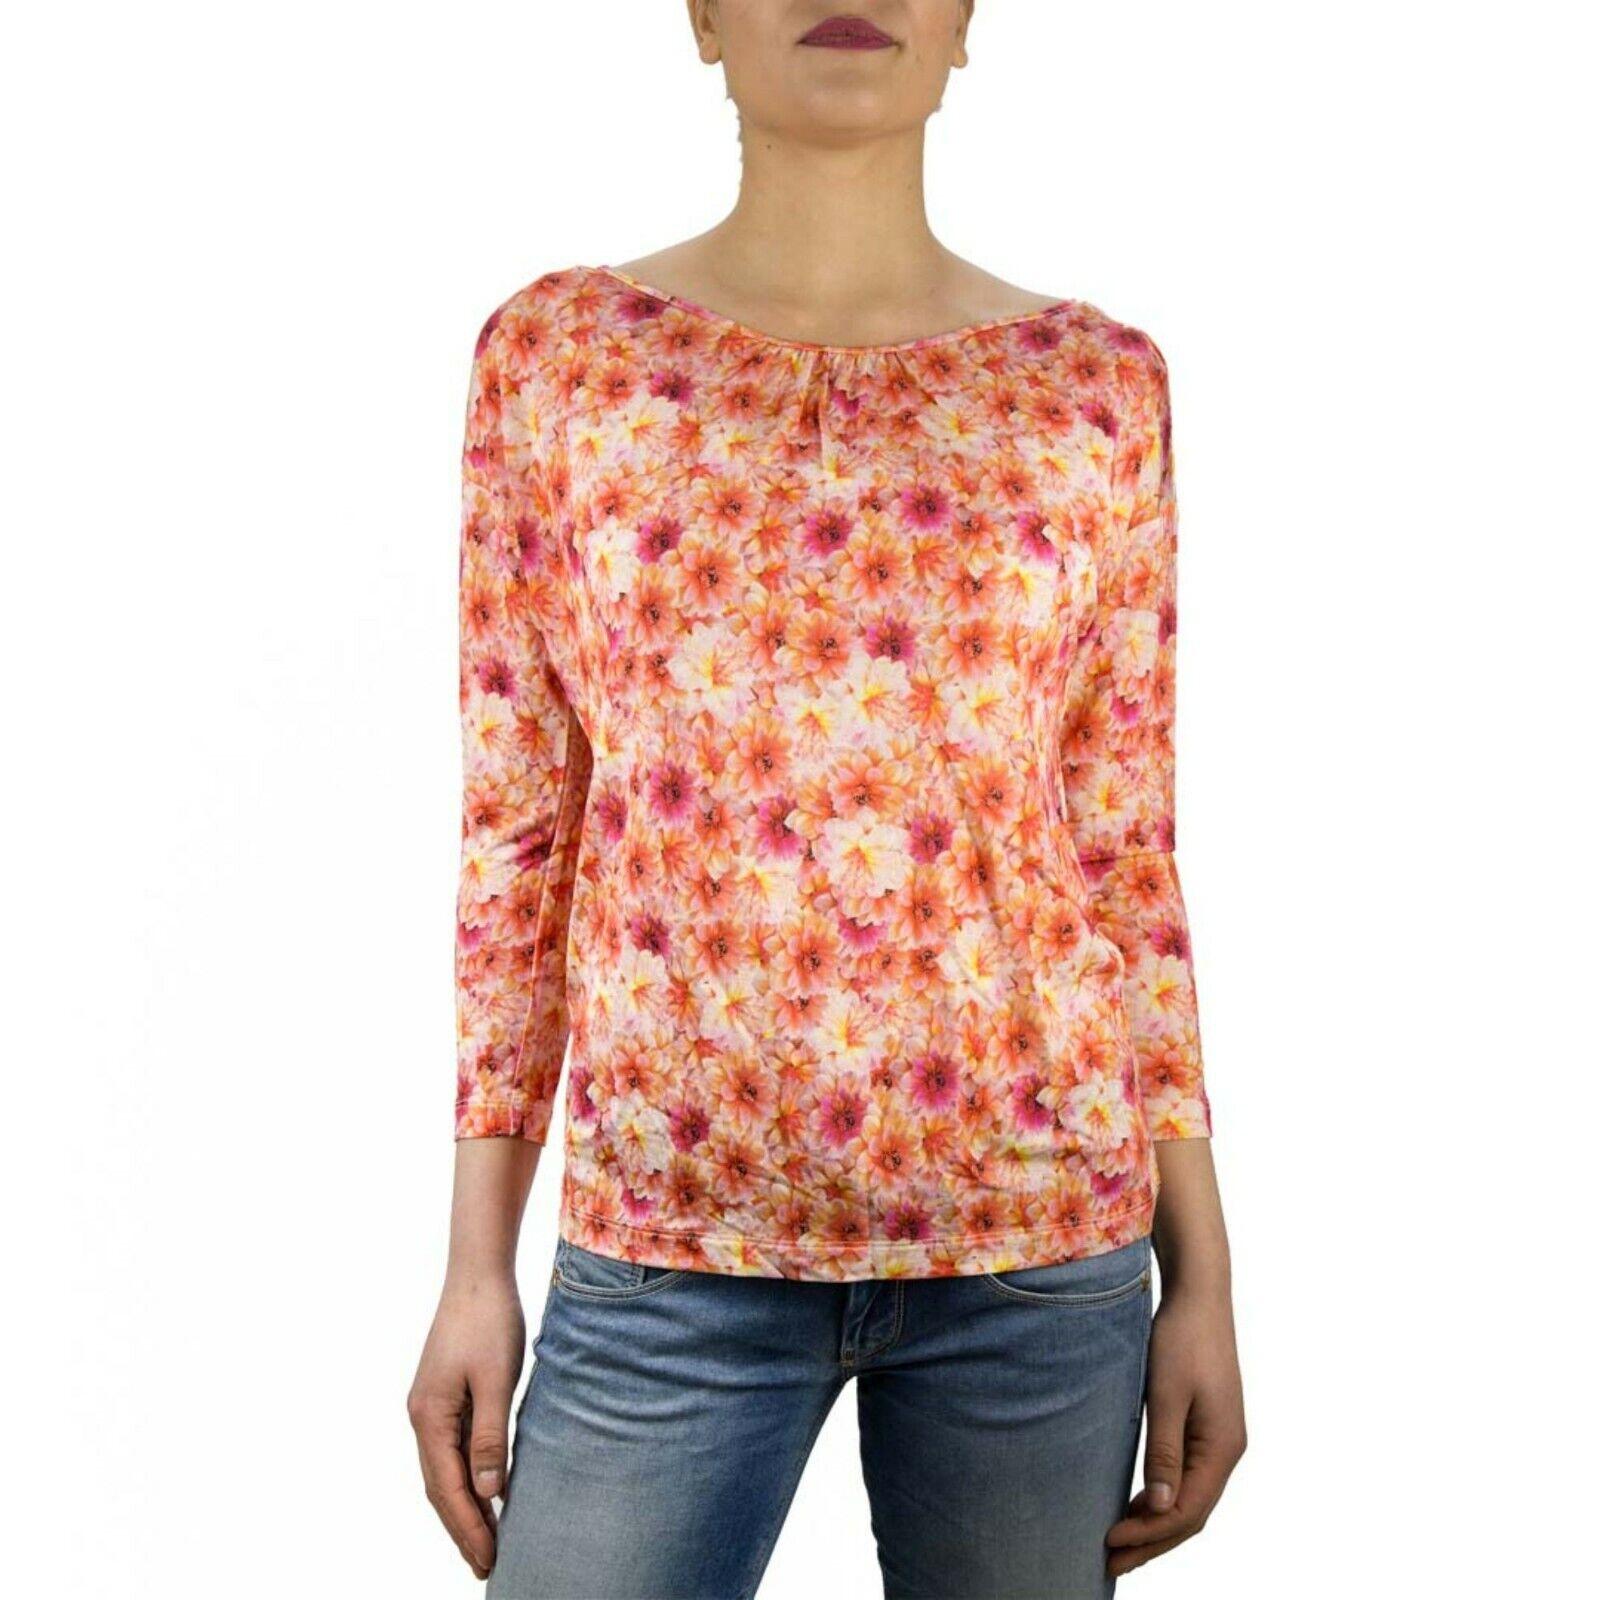 Marella Acilia Maglia T-Shirt damen Col Arancione tg S   -47 % OCCASIONE